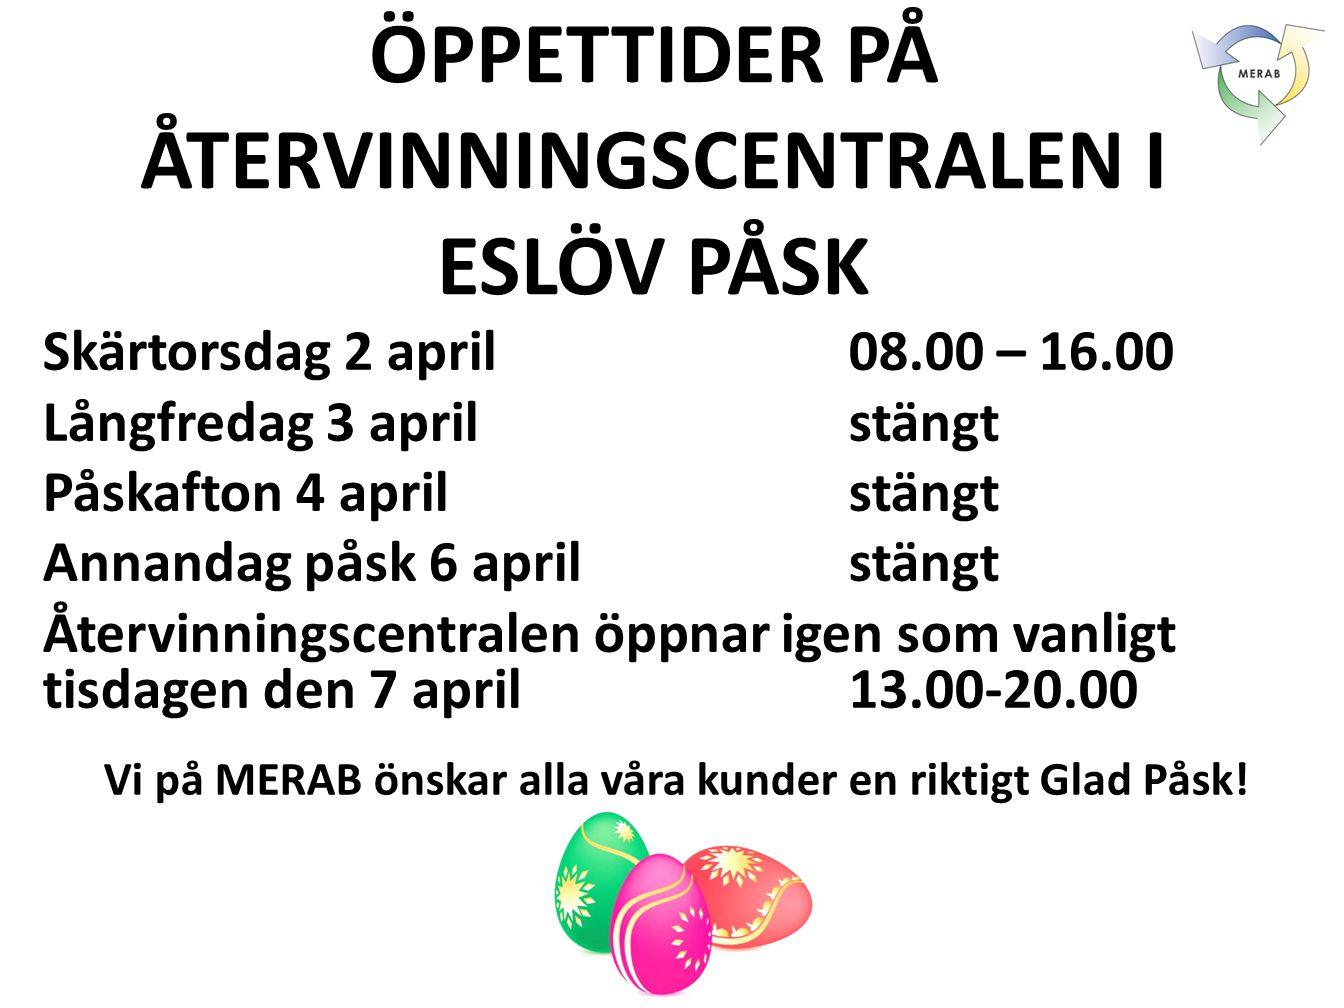 ÖPPETTIDER PÅ ÅTERVINNINGSCENTRALEN I ESLÖV PÅSK Skärtorsdag 2 april 08.00 – 16.00 Långfredag 3 april stängt Påskafton 4 aprilstängt Annandag påsk 6 a